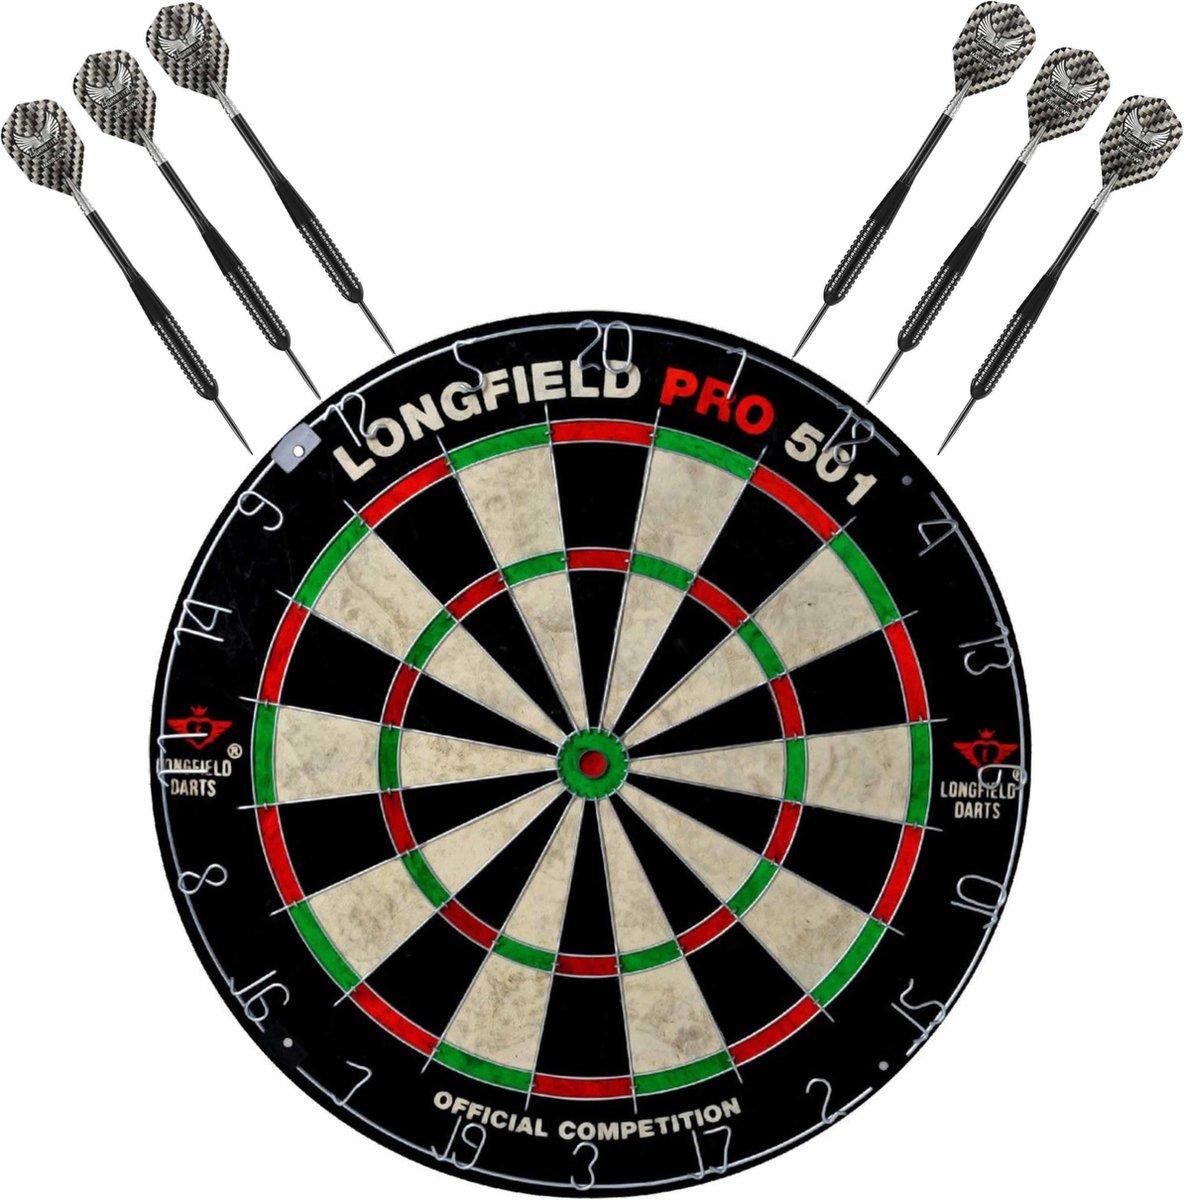 Dartbord set compleet van diameter 45.5 cm met 6x Black Arrow dartpijlen van 21 gram - Sporten darts